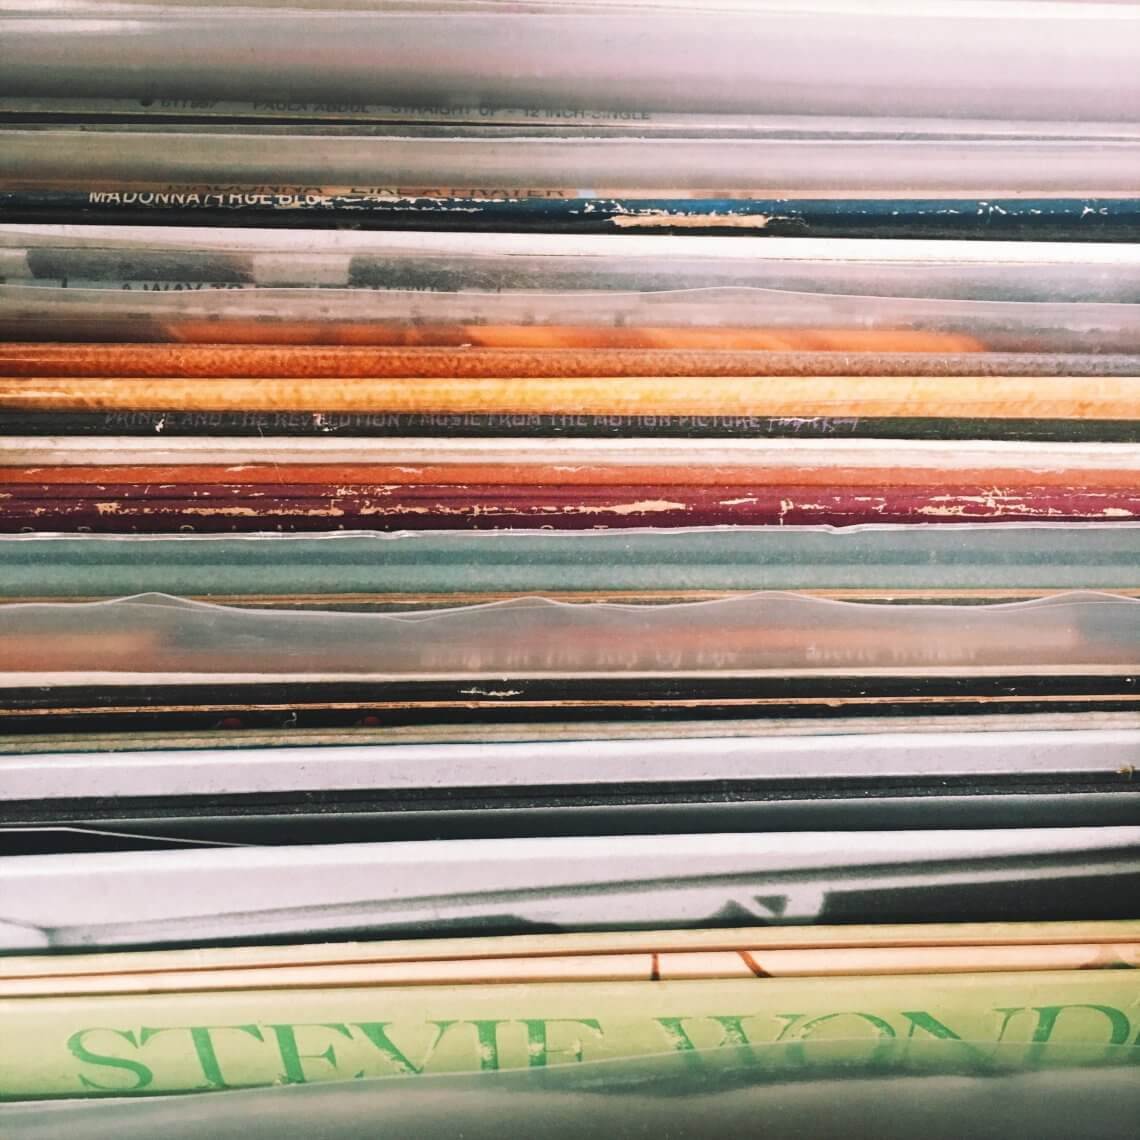 Das Bild zeigt viele verschiedene Schallplattenhüllen von oben.